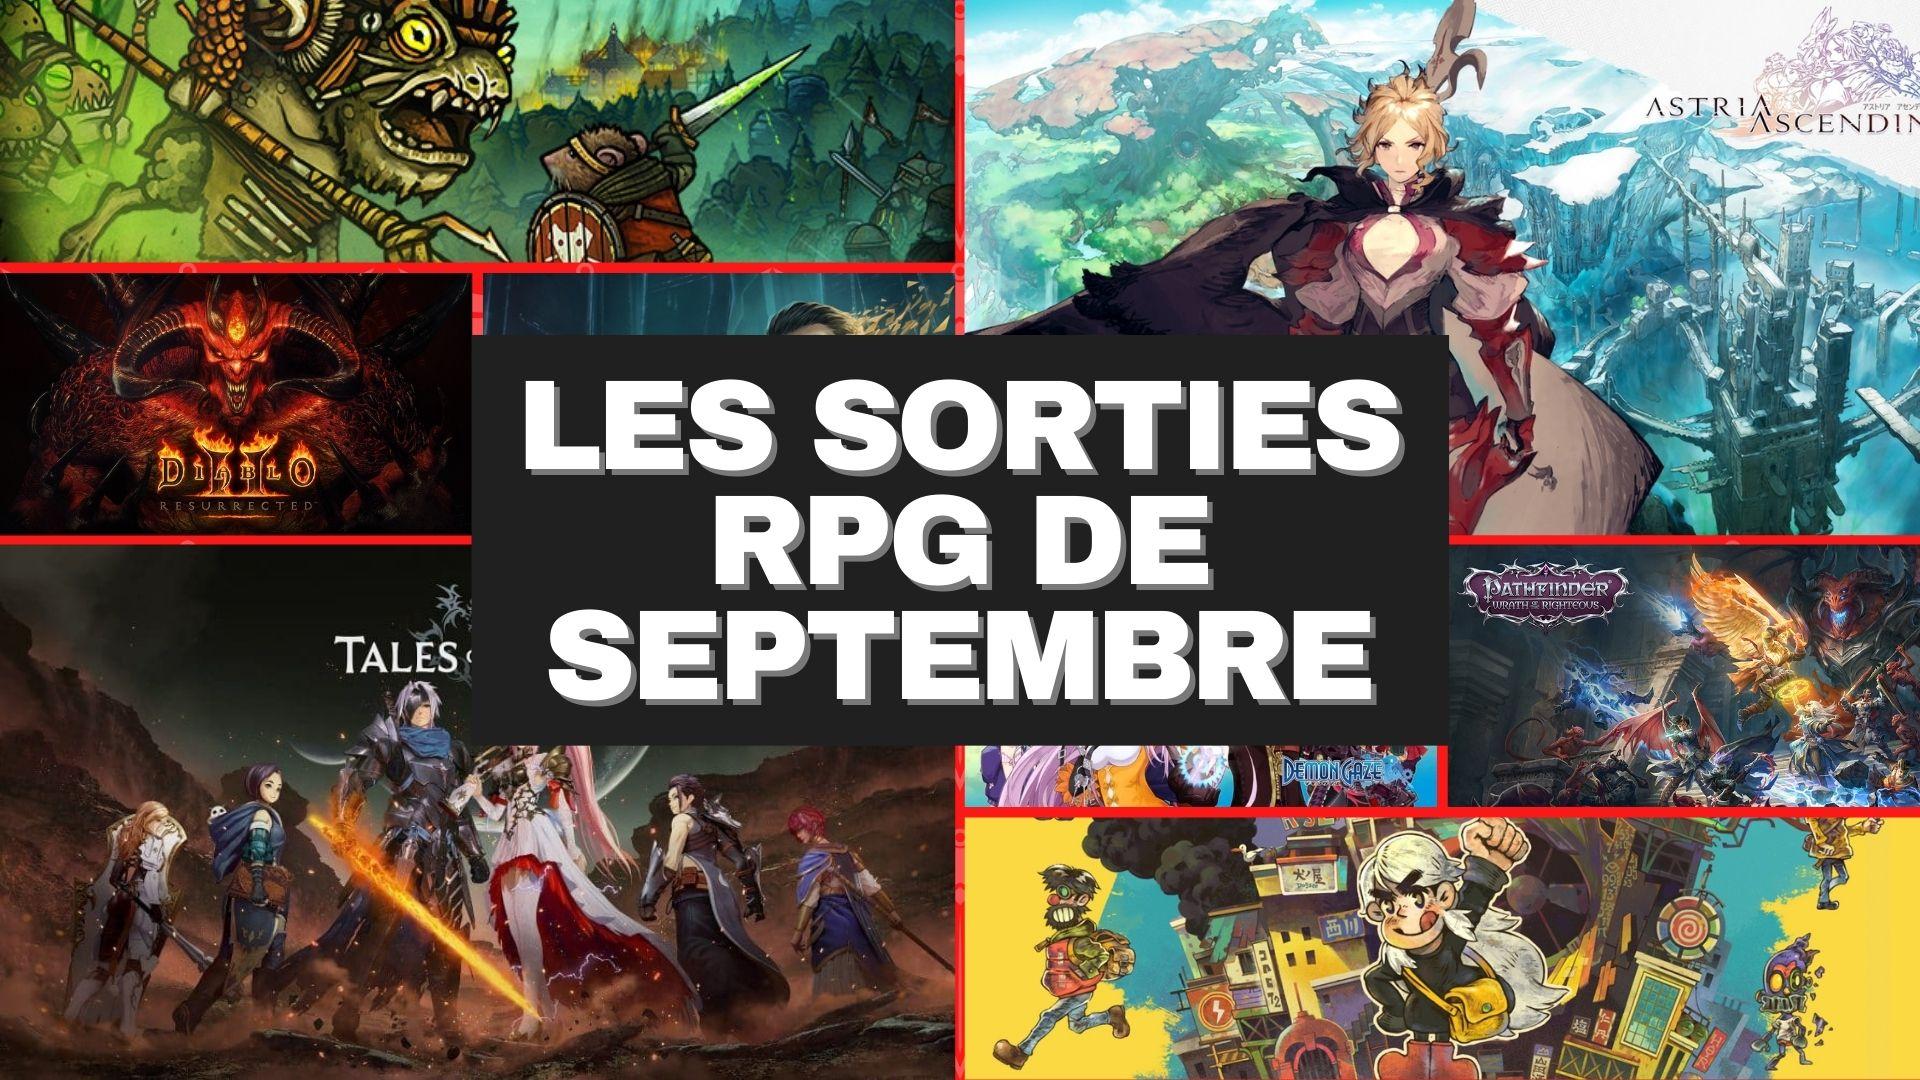 Les Sorties RPG du mois de Septembre 2021 sur jdrg.fr